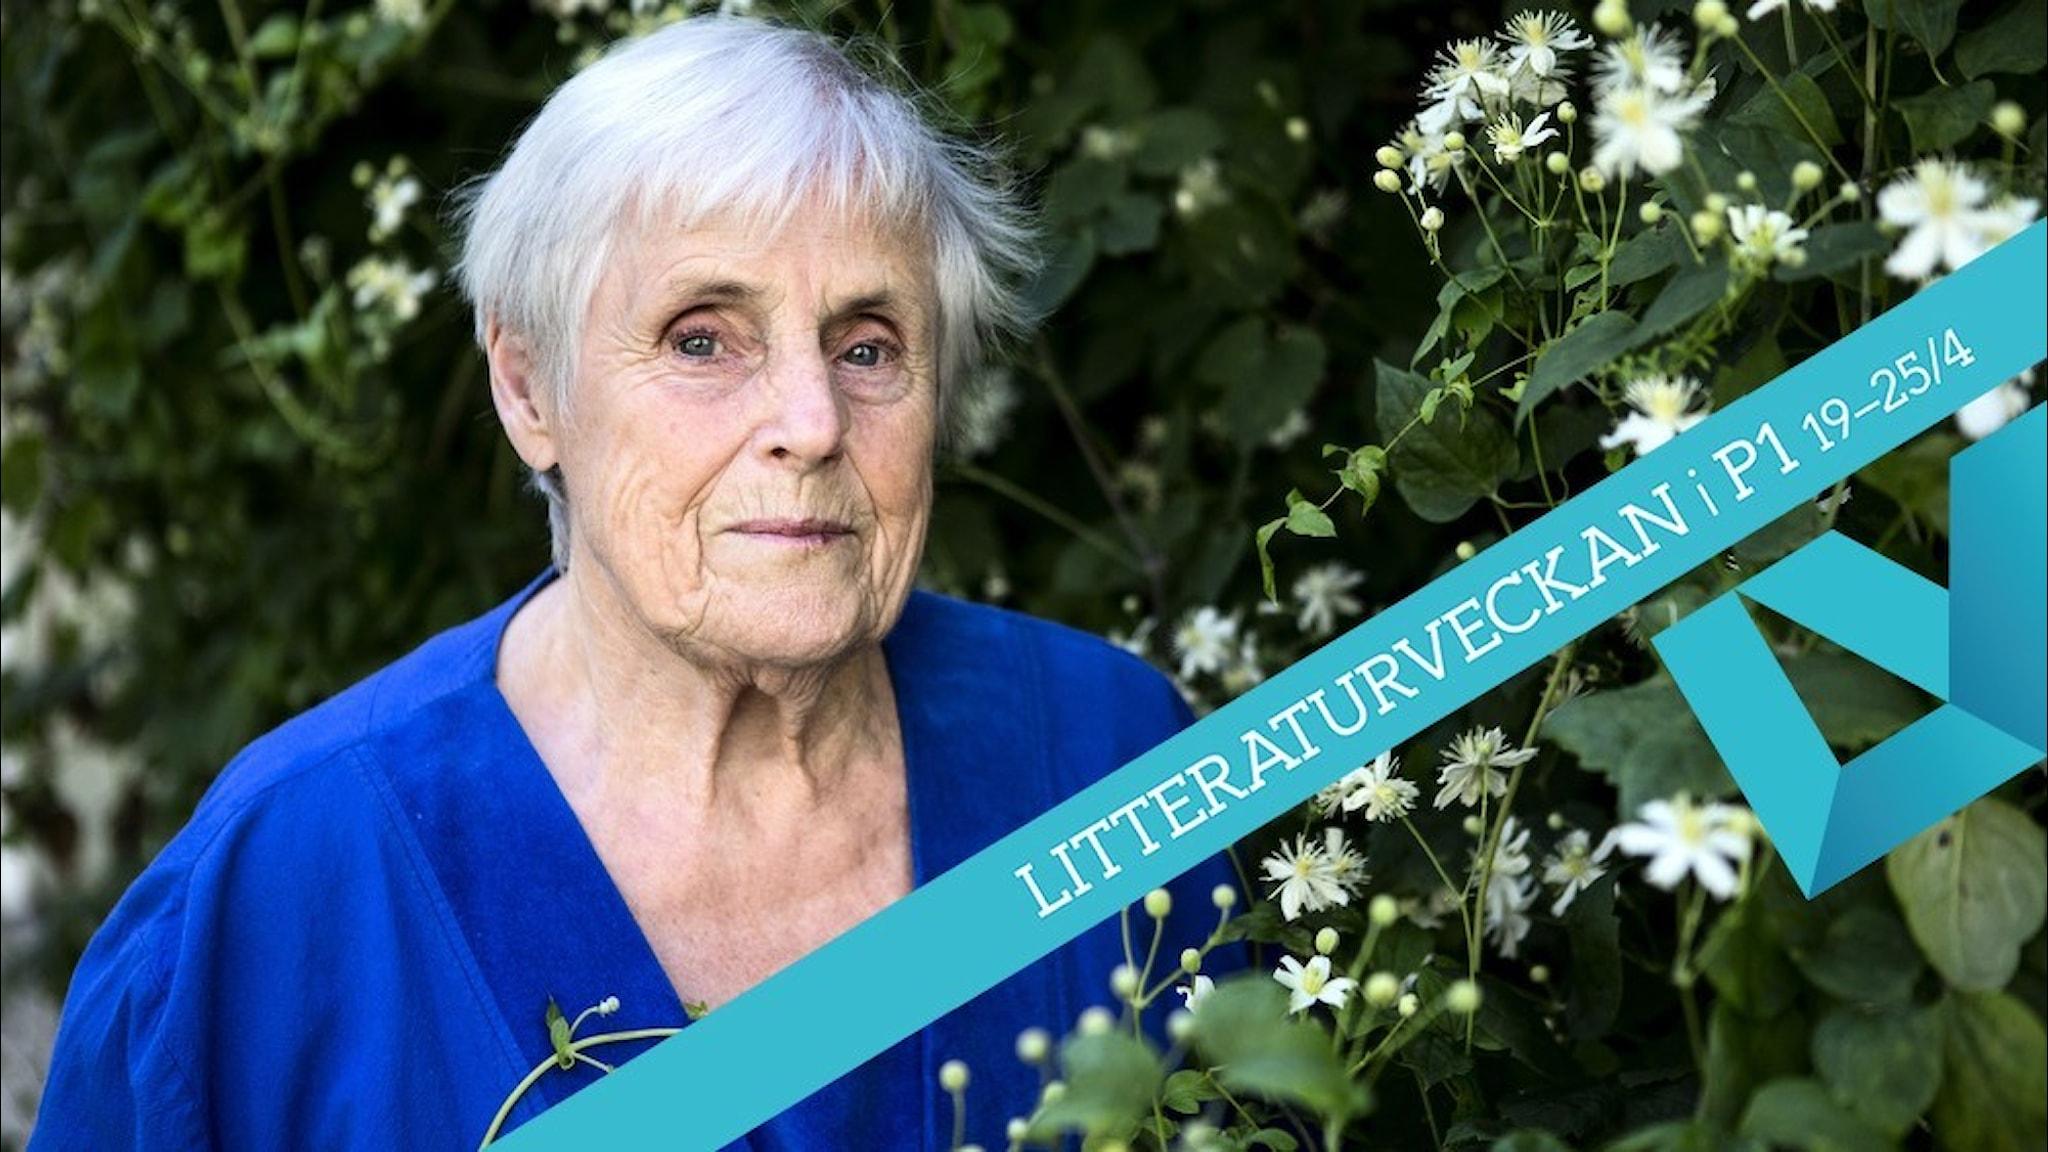 Porträtt av författaren Elsie Johansson, klädd i en blå tröja stående intill en grönskande buske med vita blommor.